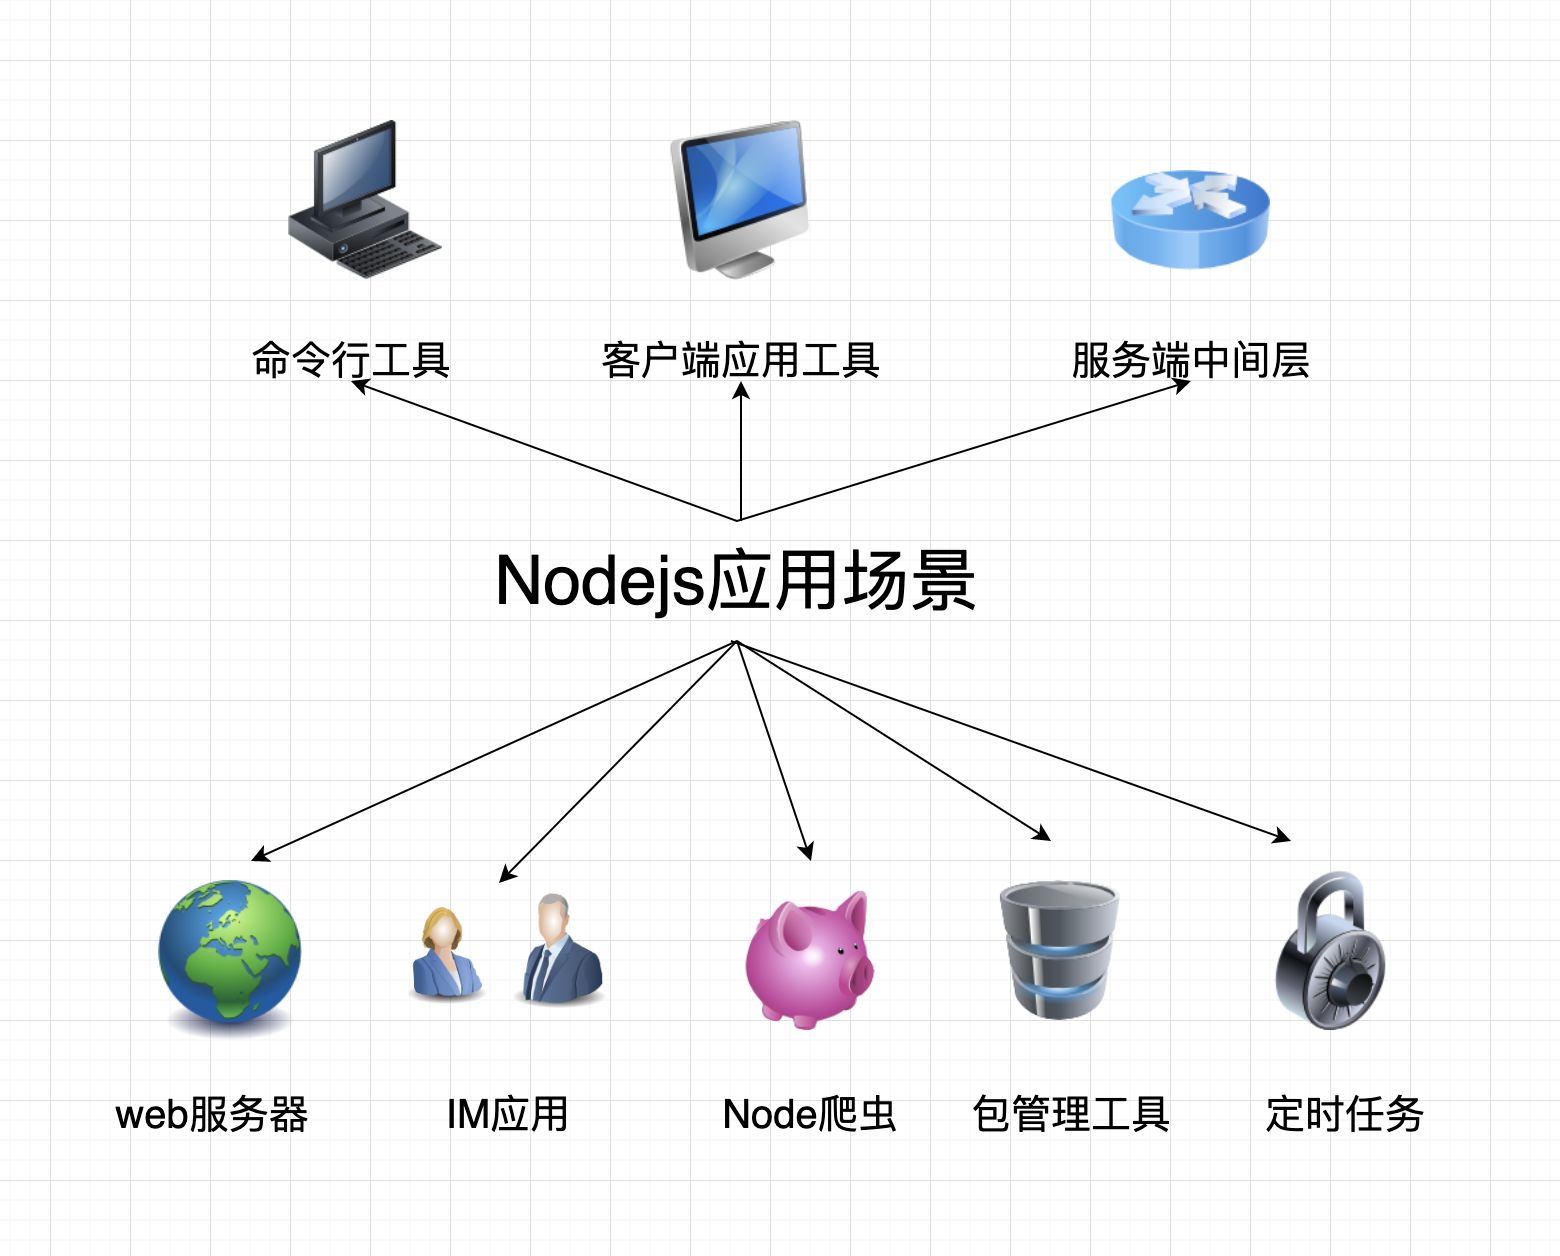 30分钟教你优雅的搭建nodejs开发环境及目录设计